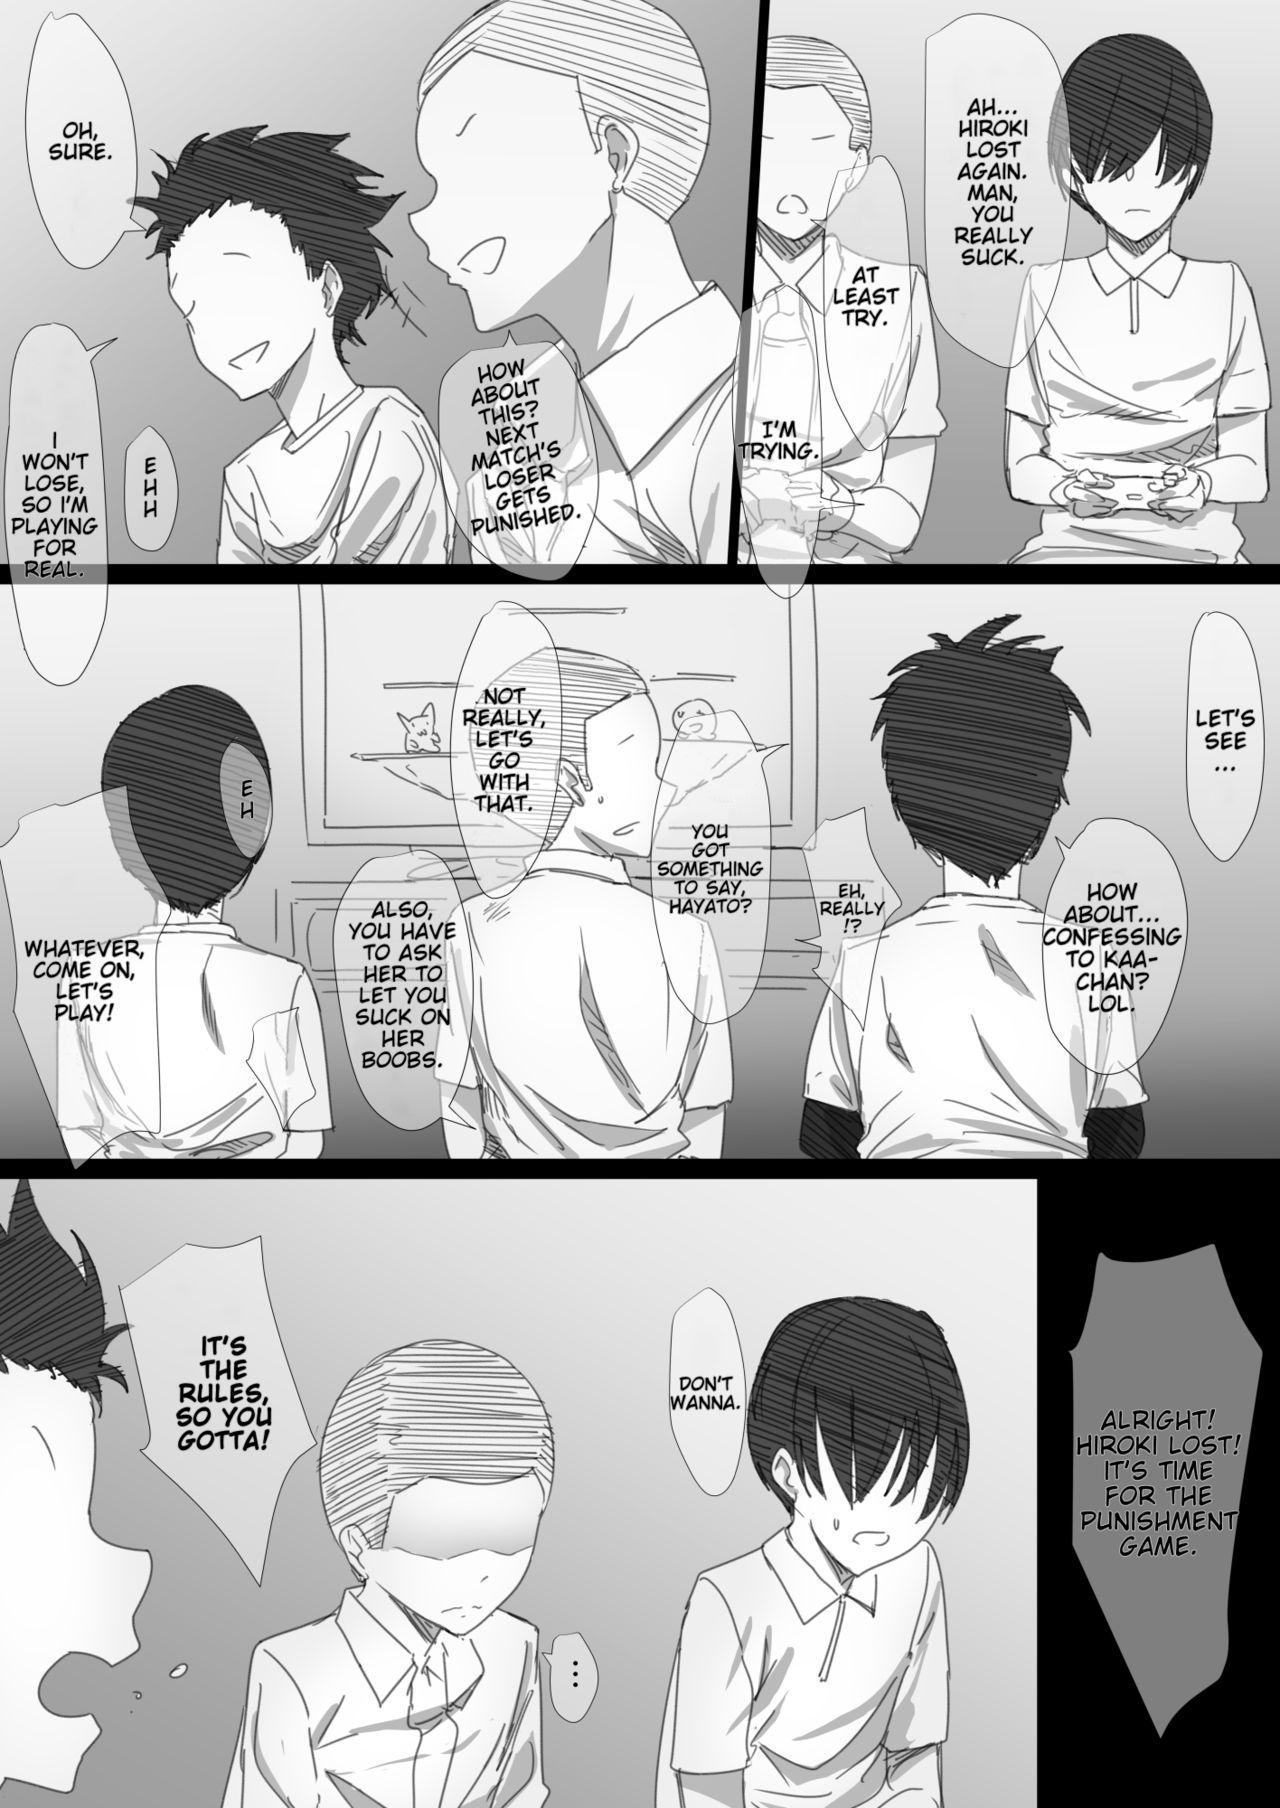 [Hari Poteto] Yanmama Oba-san no Miwaku no Karada -Boku ga Hitozuma Sex ni Hamatta Riyuu- [English] [SDTLs] 8